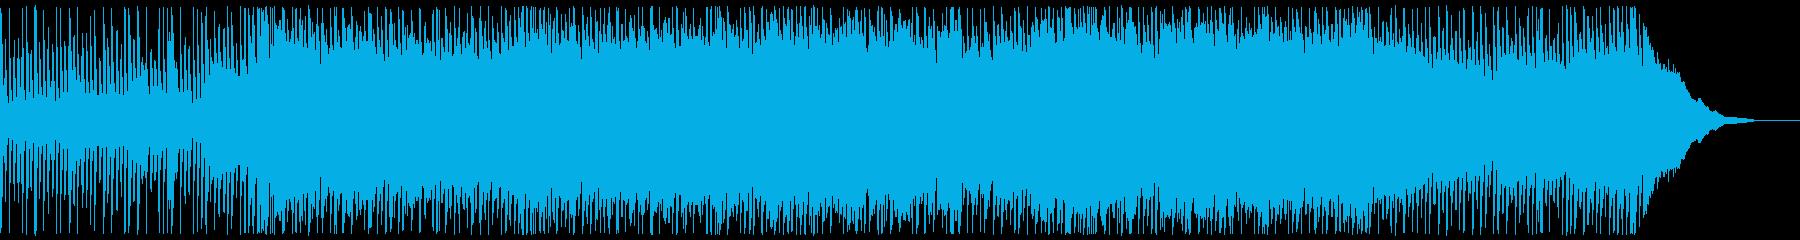 映像BGMに最適な爽やかソフトロックの再生済みの波形